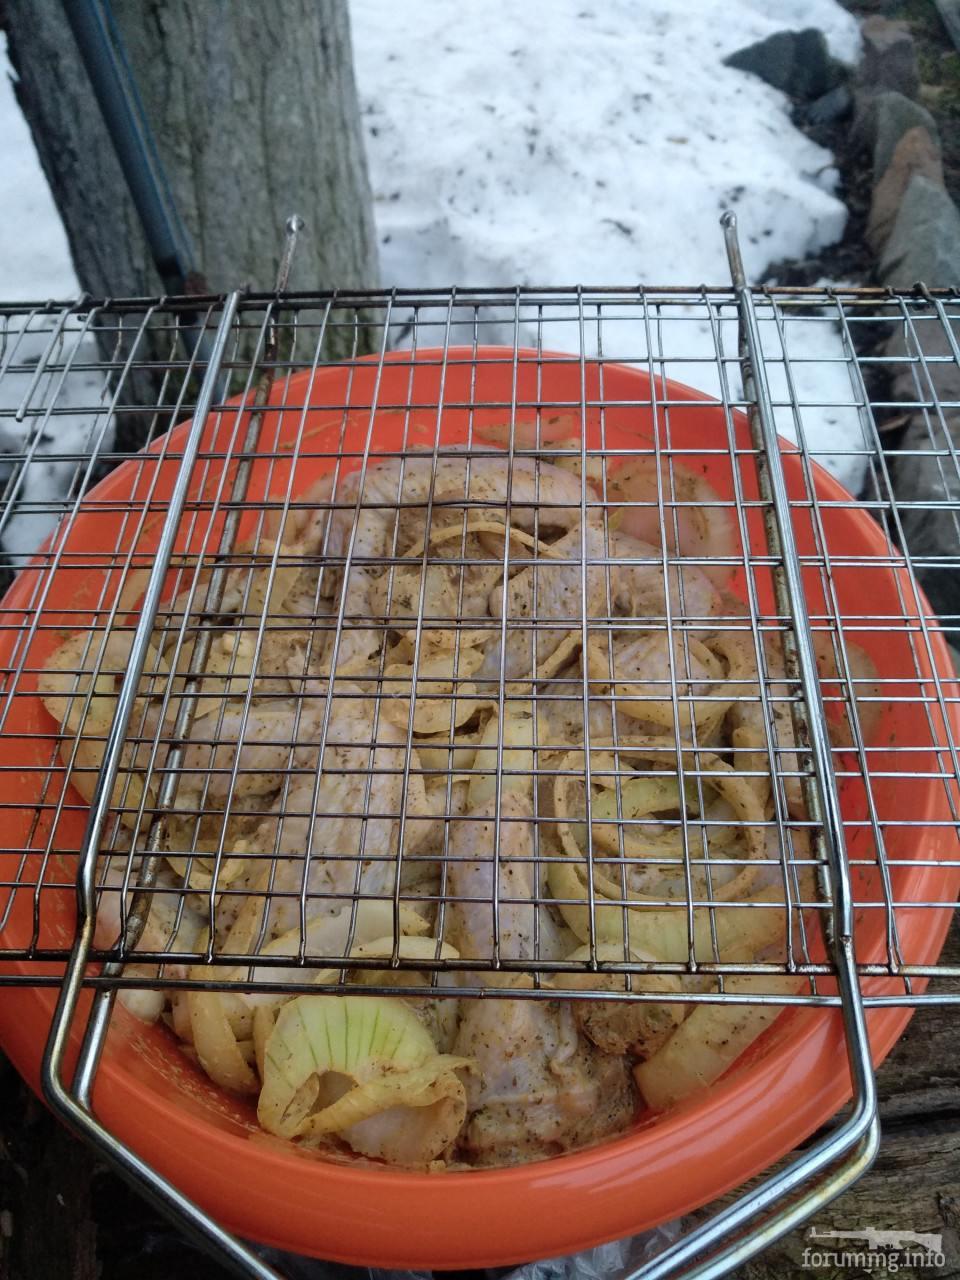 123324 - Закуски на огне (мангал, барбекю и т.д.) и кулинария вообще. Советы и рецепты.